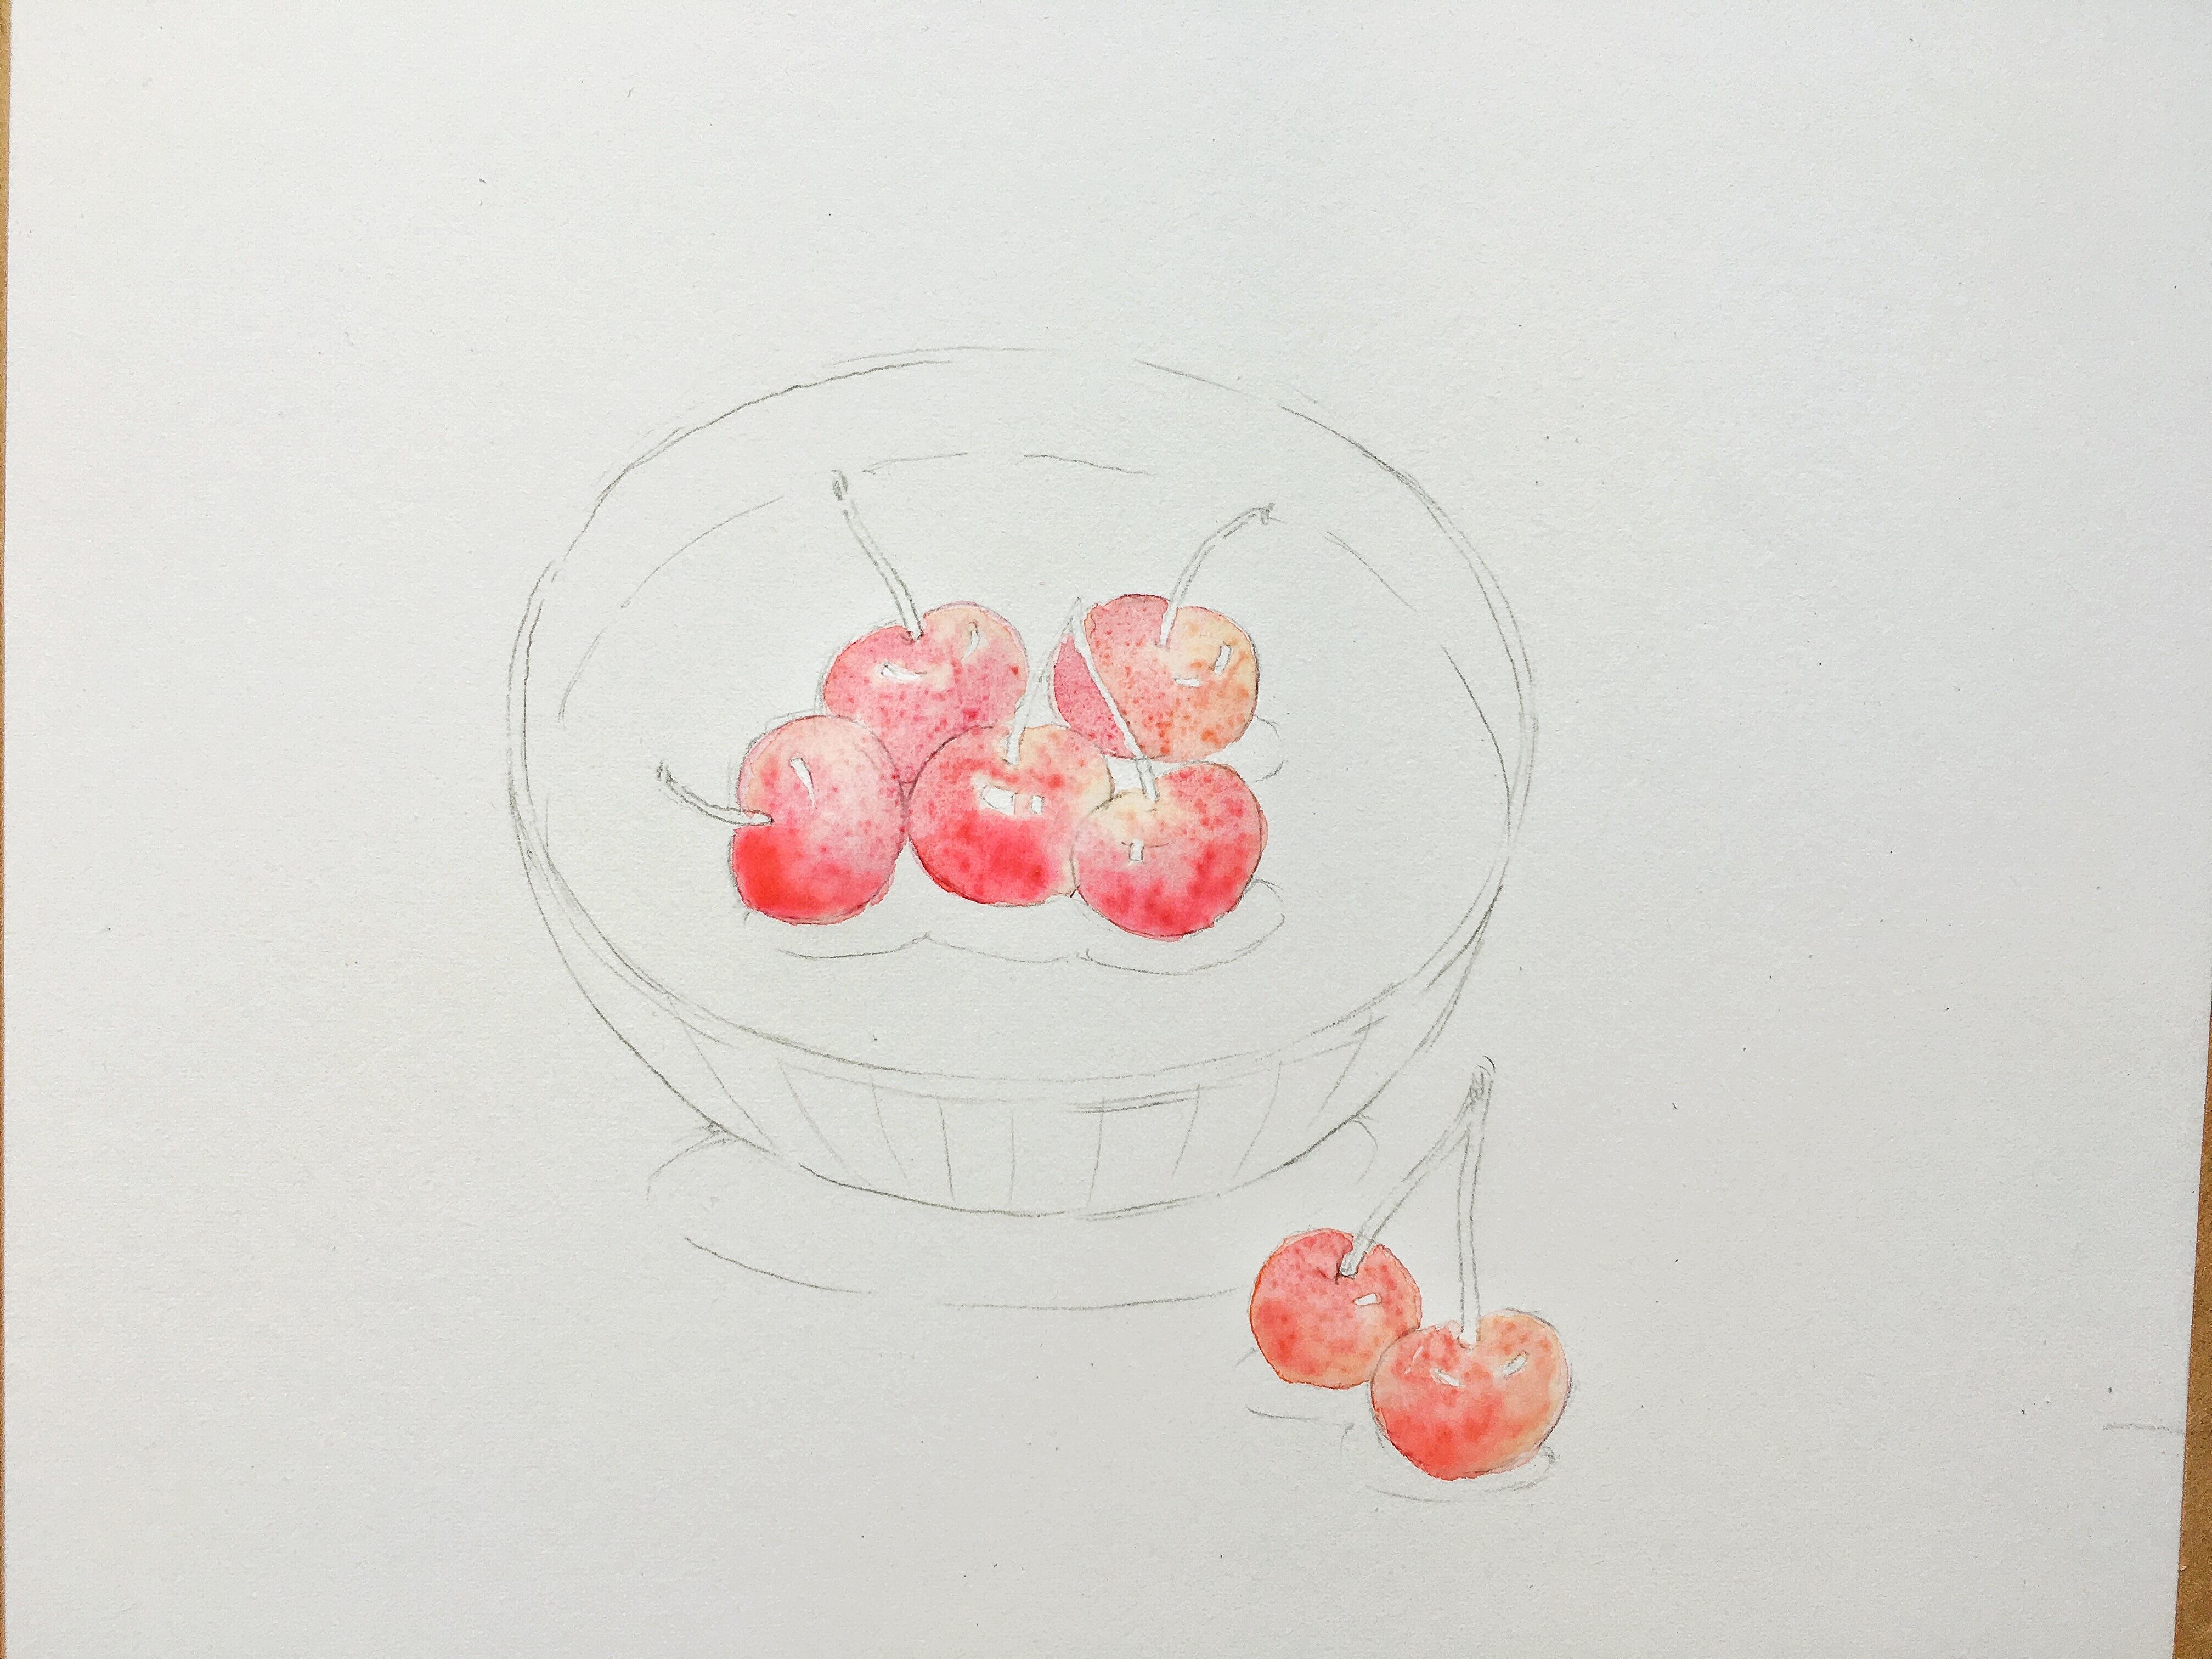 实物写生 手绘水彩画步骤 吃完画出来